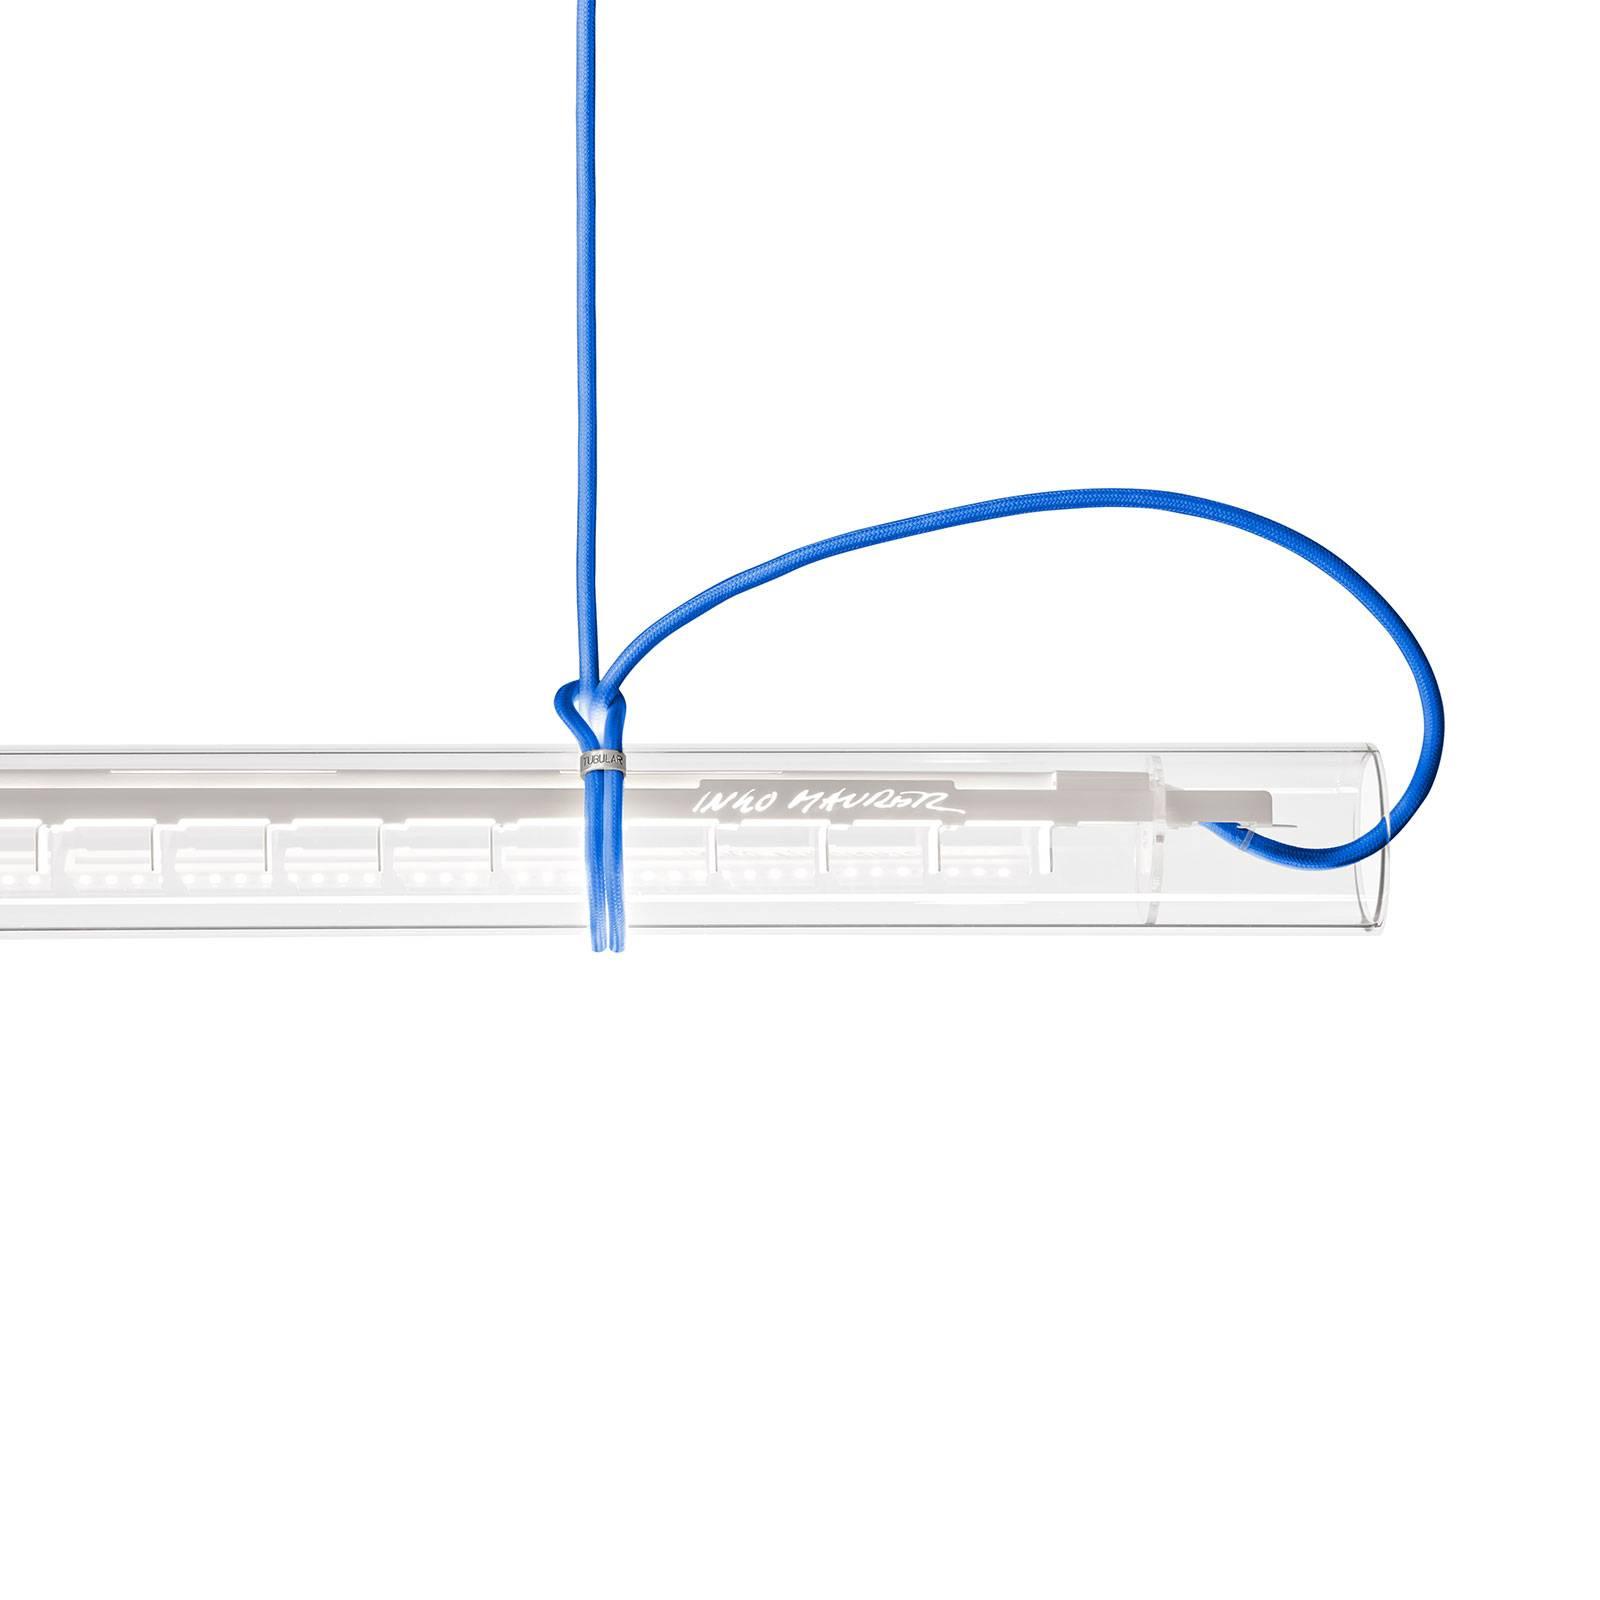 Ingo Maurer Tubular LED hanglamp, wit/blauw